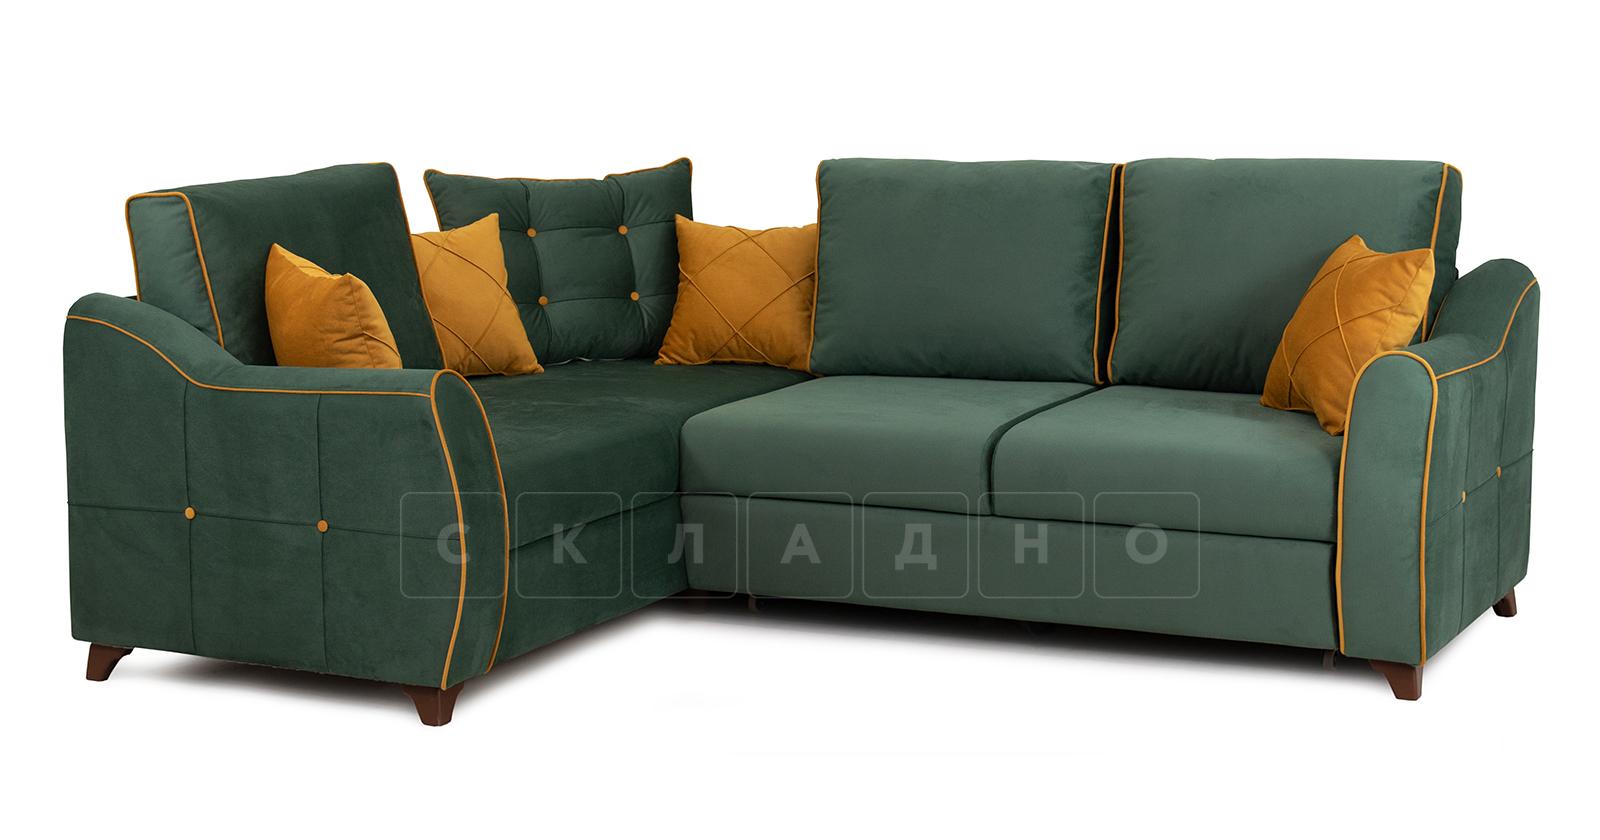 Диван-кровать угловой Флэтфорд нефритовый зеленый фото 1 | интернет-магазин Складно